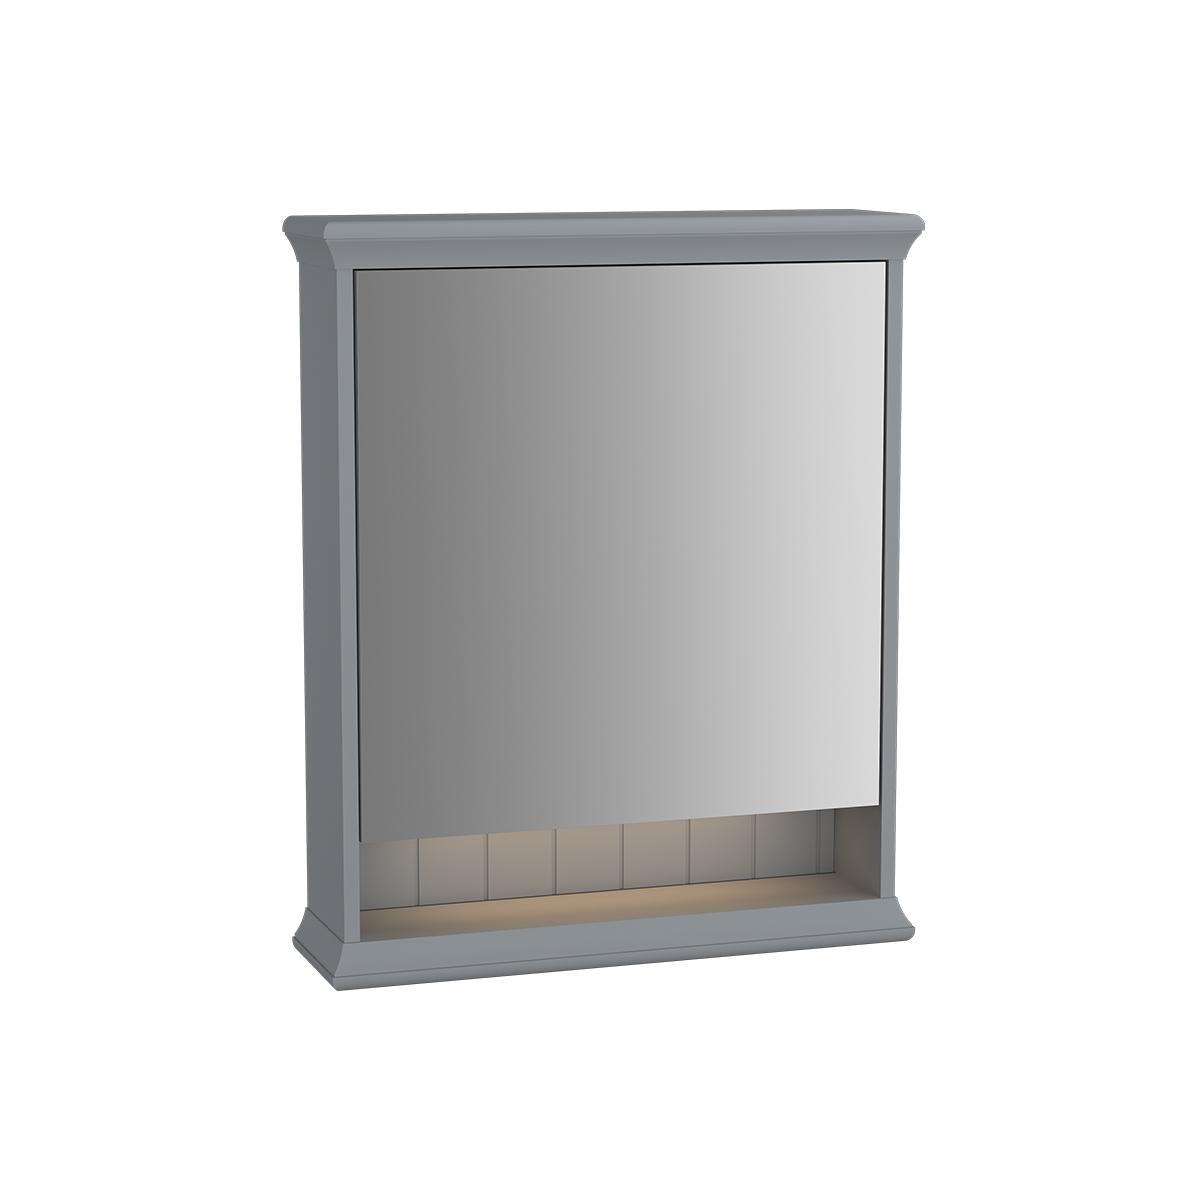 Valarte armoire de toilette, 65 cm, gris mat, porte à gauche